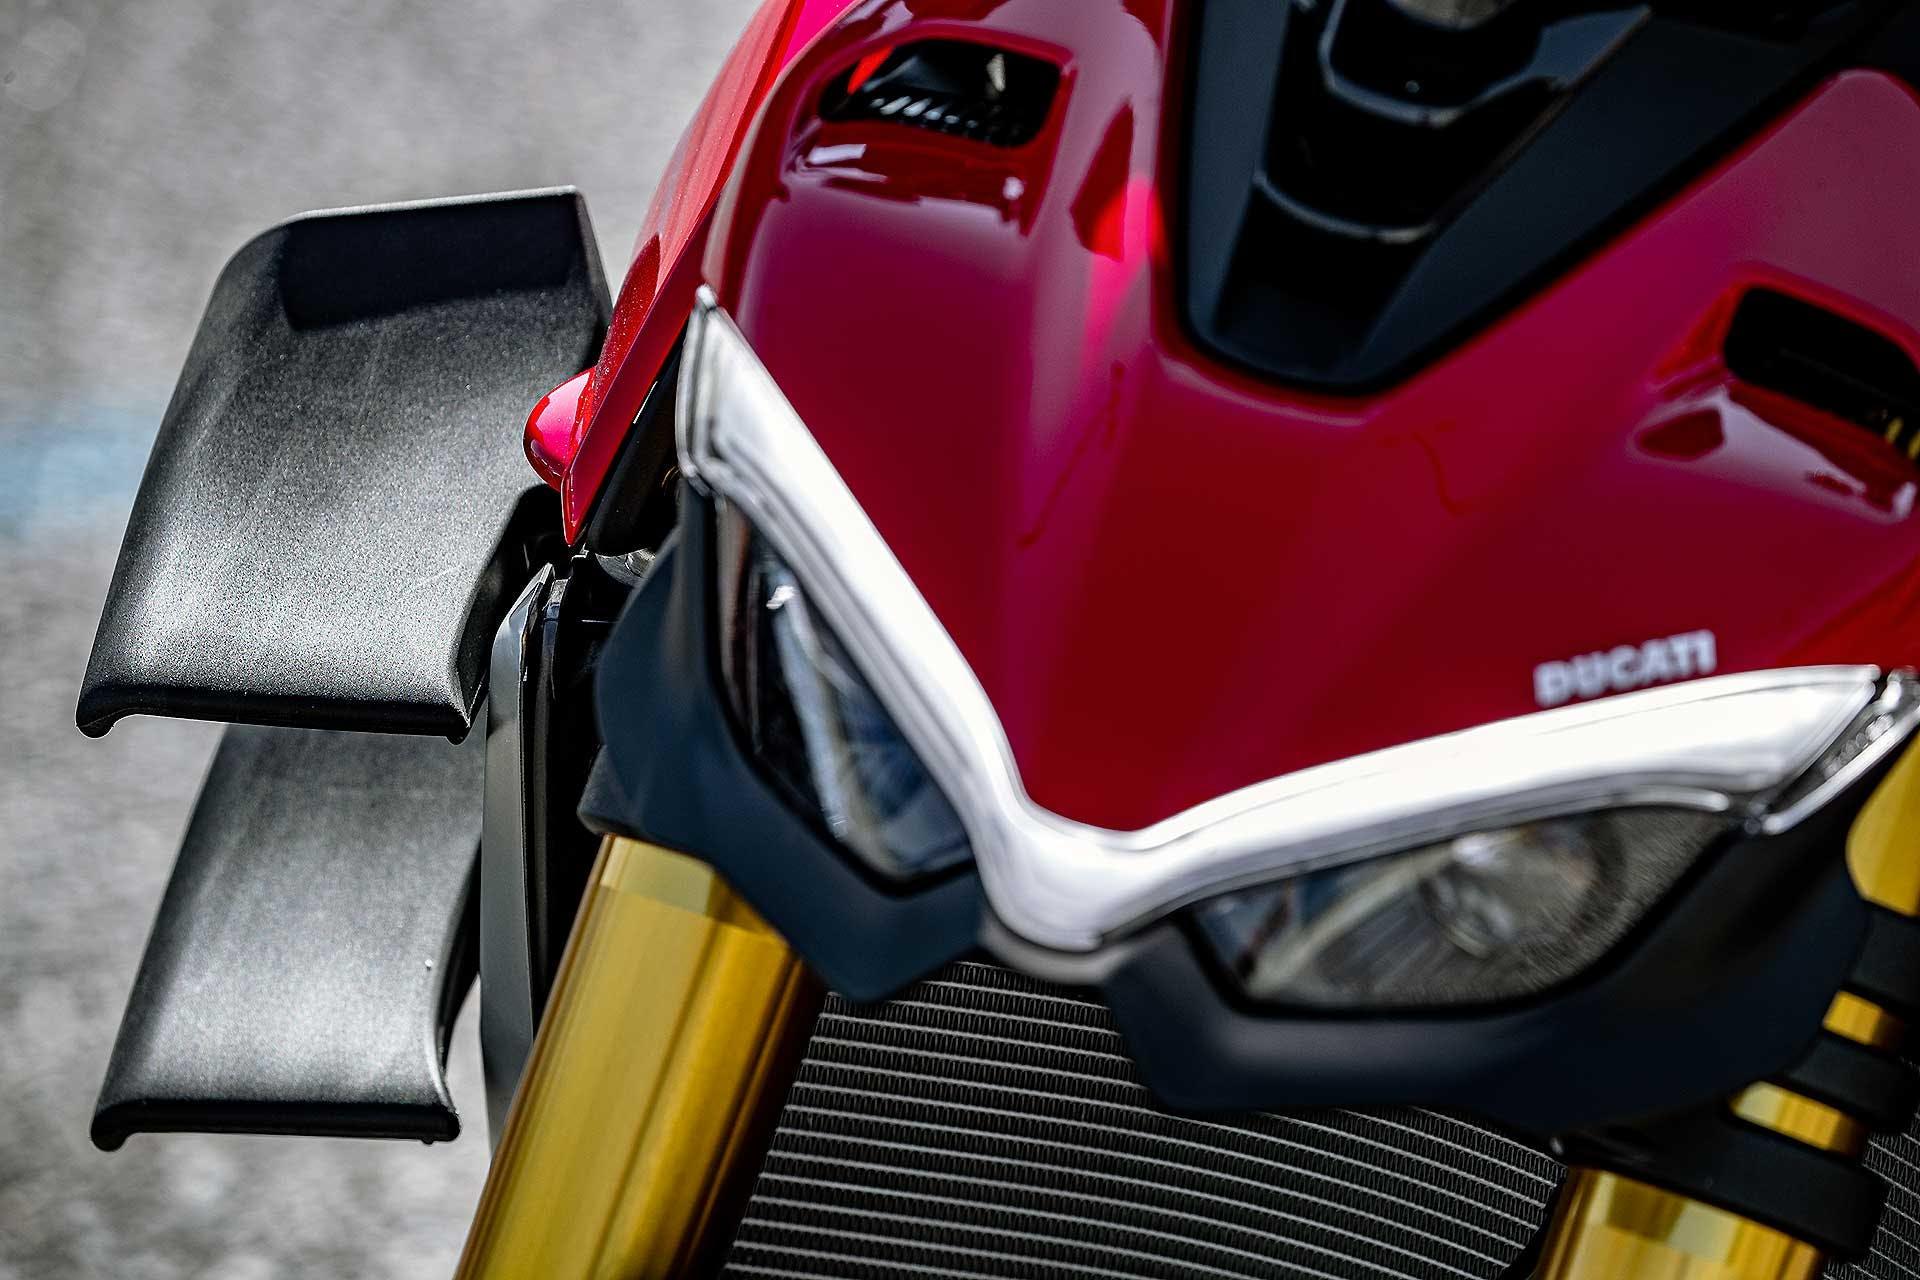 Ducati Streetfighter V4 S rossa, ali blplano